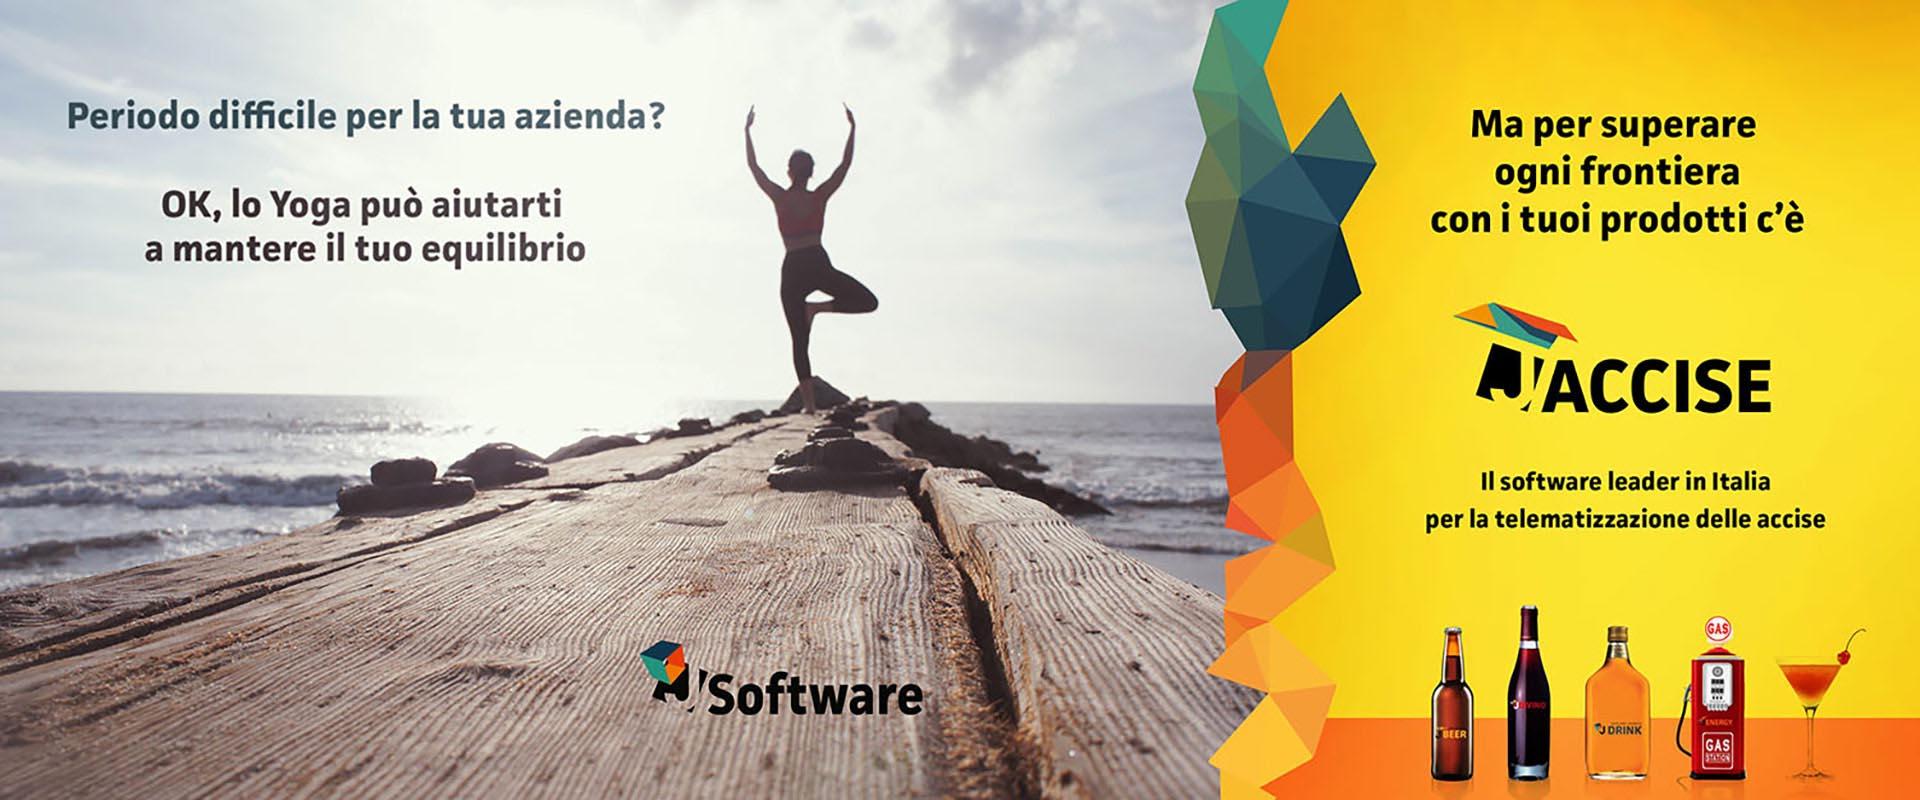 J-Accise_J-Software_telematizzazioni-delle-accise